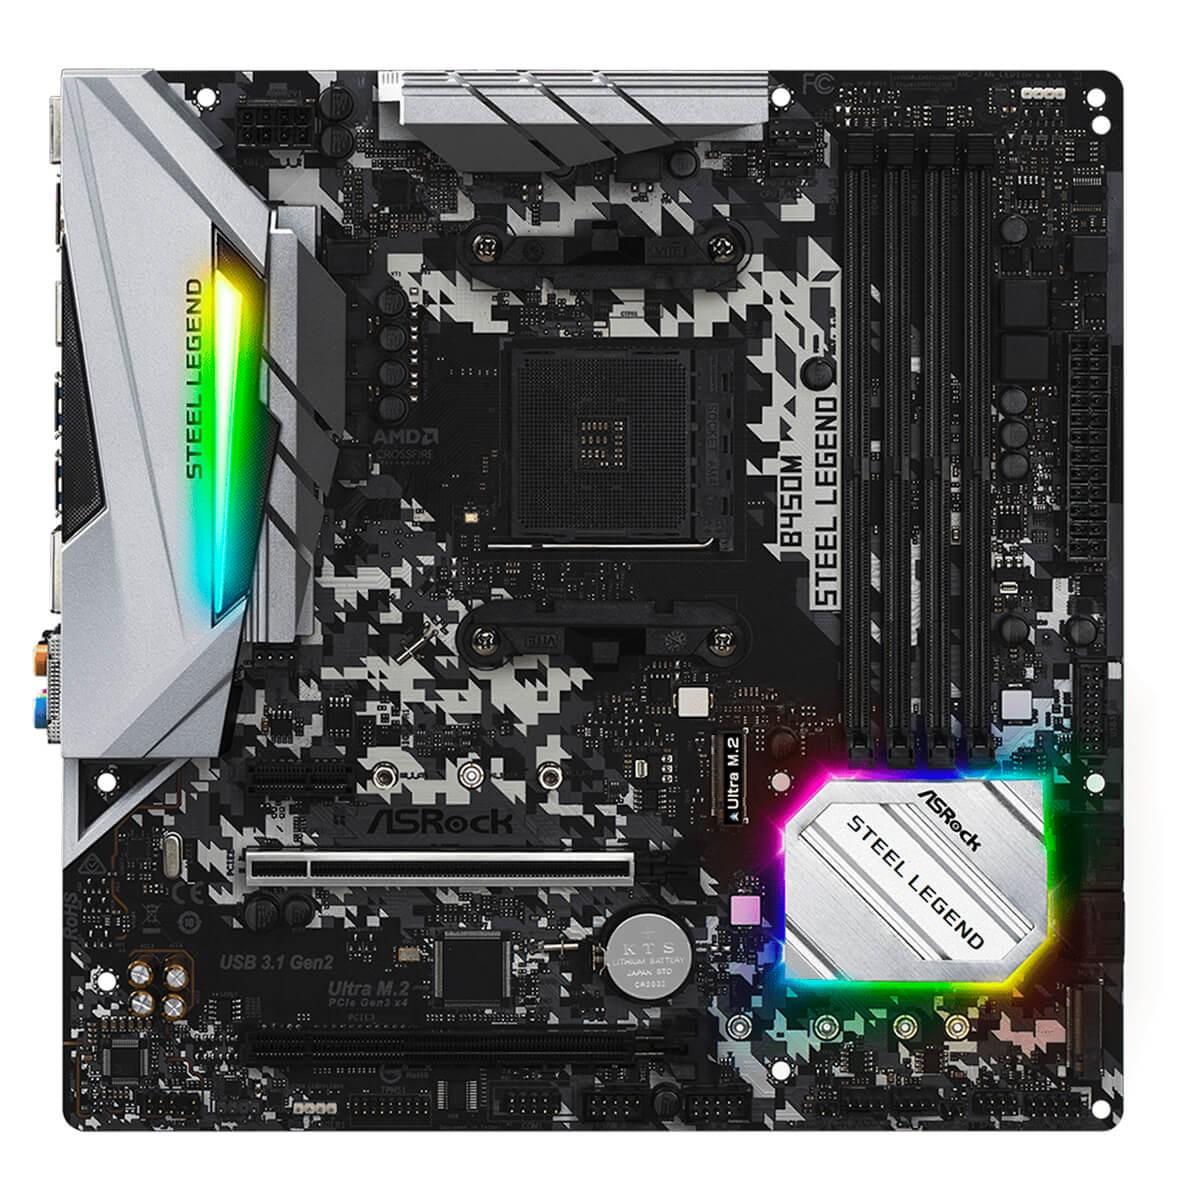 Kit Upgrade Asrock B450M Steel Legend + AMD Ryzen 5 PRO 4650G 3.7GHz